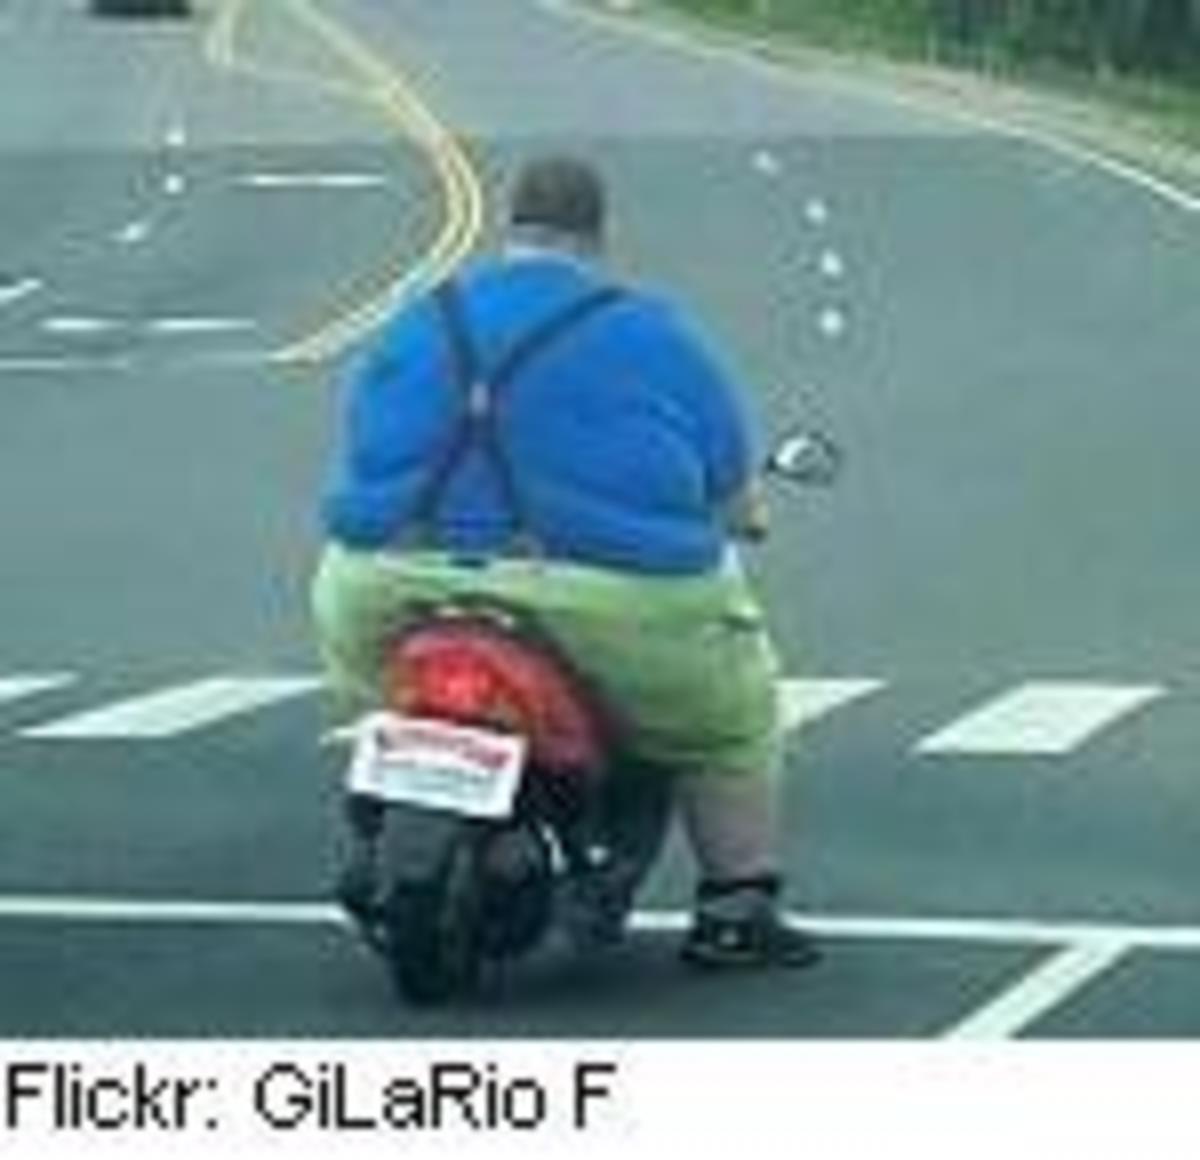 fatbike3